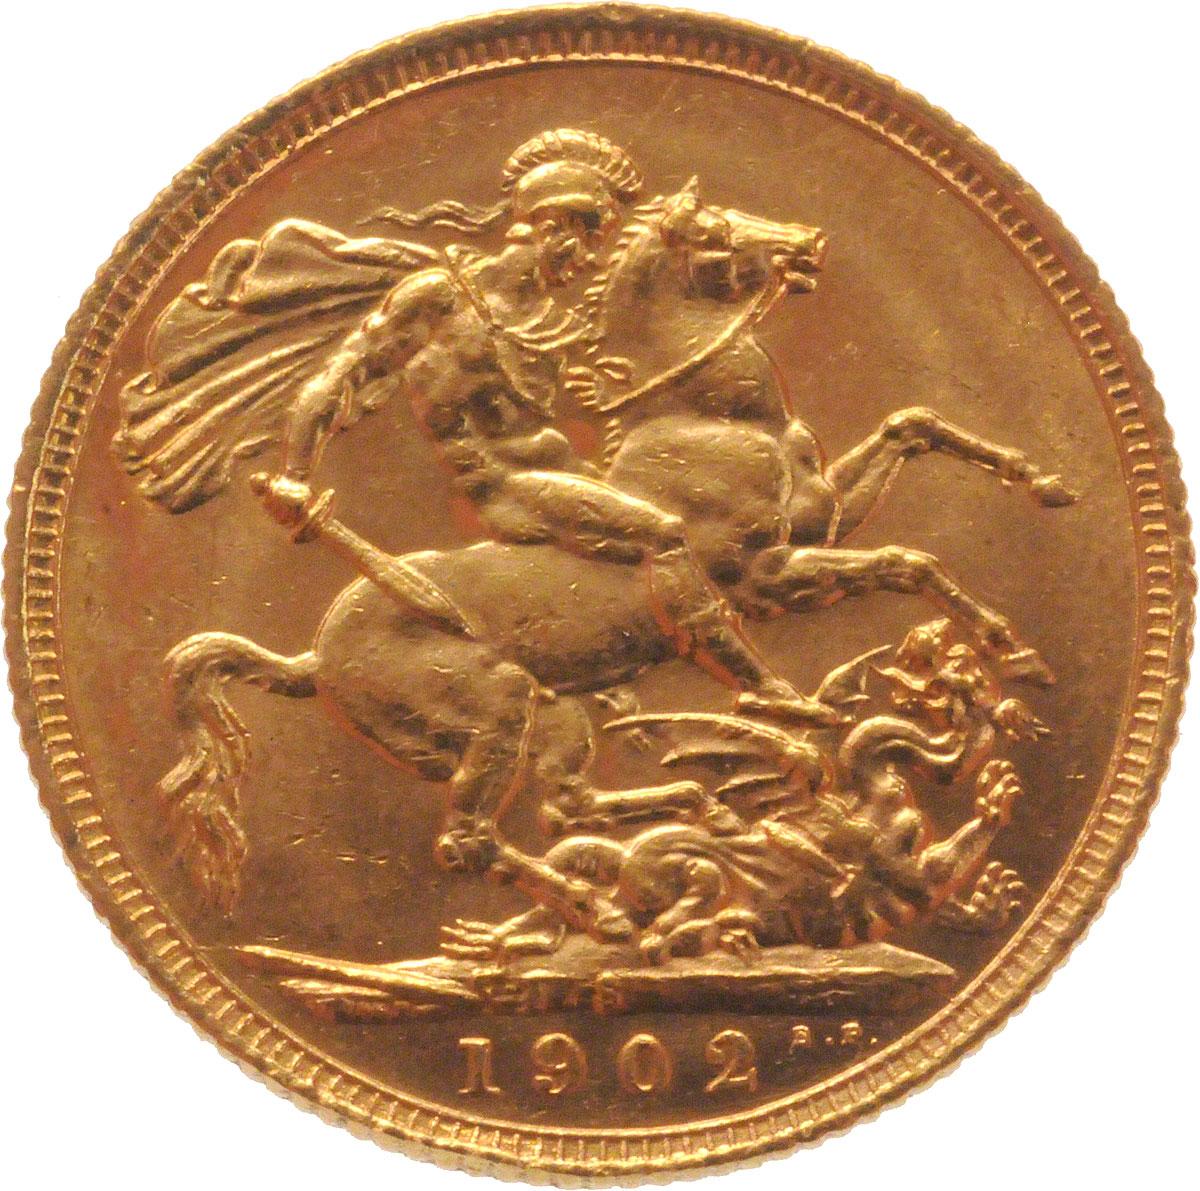 1902 Εδουάρδος Ζ' (Νομισματοκοπείο Σίδνεϊ)